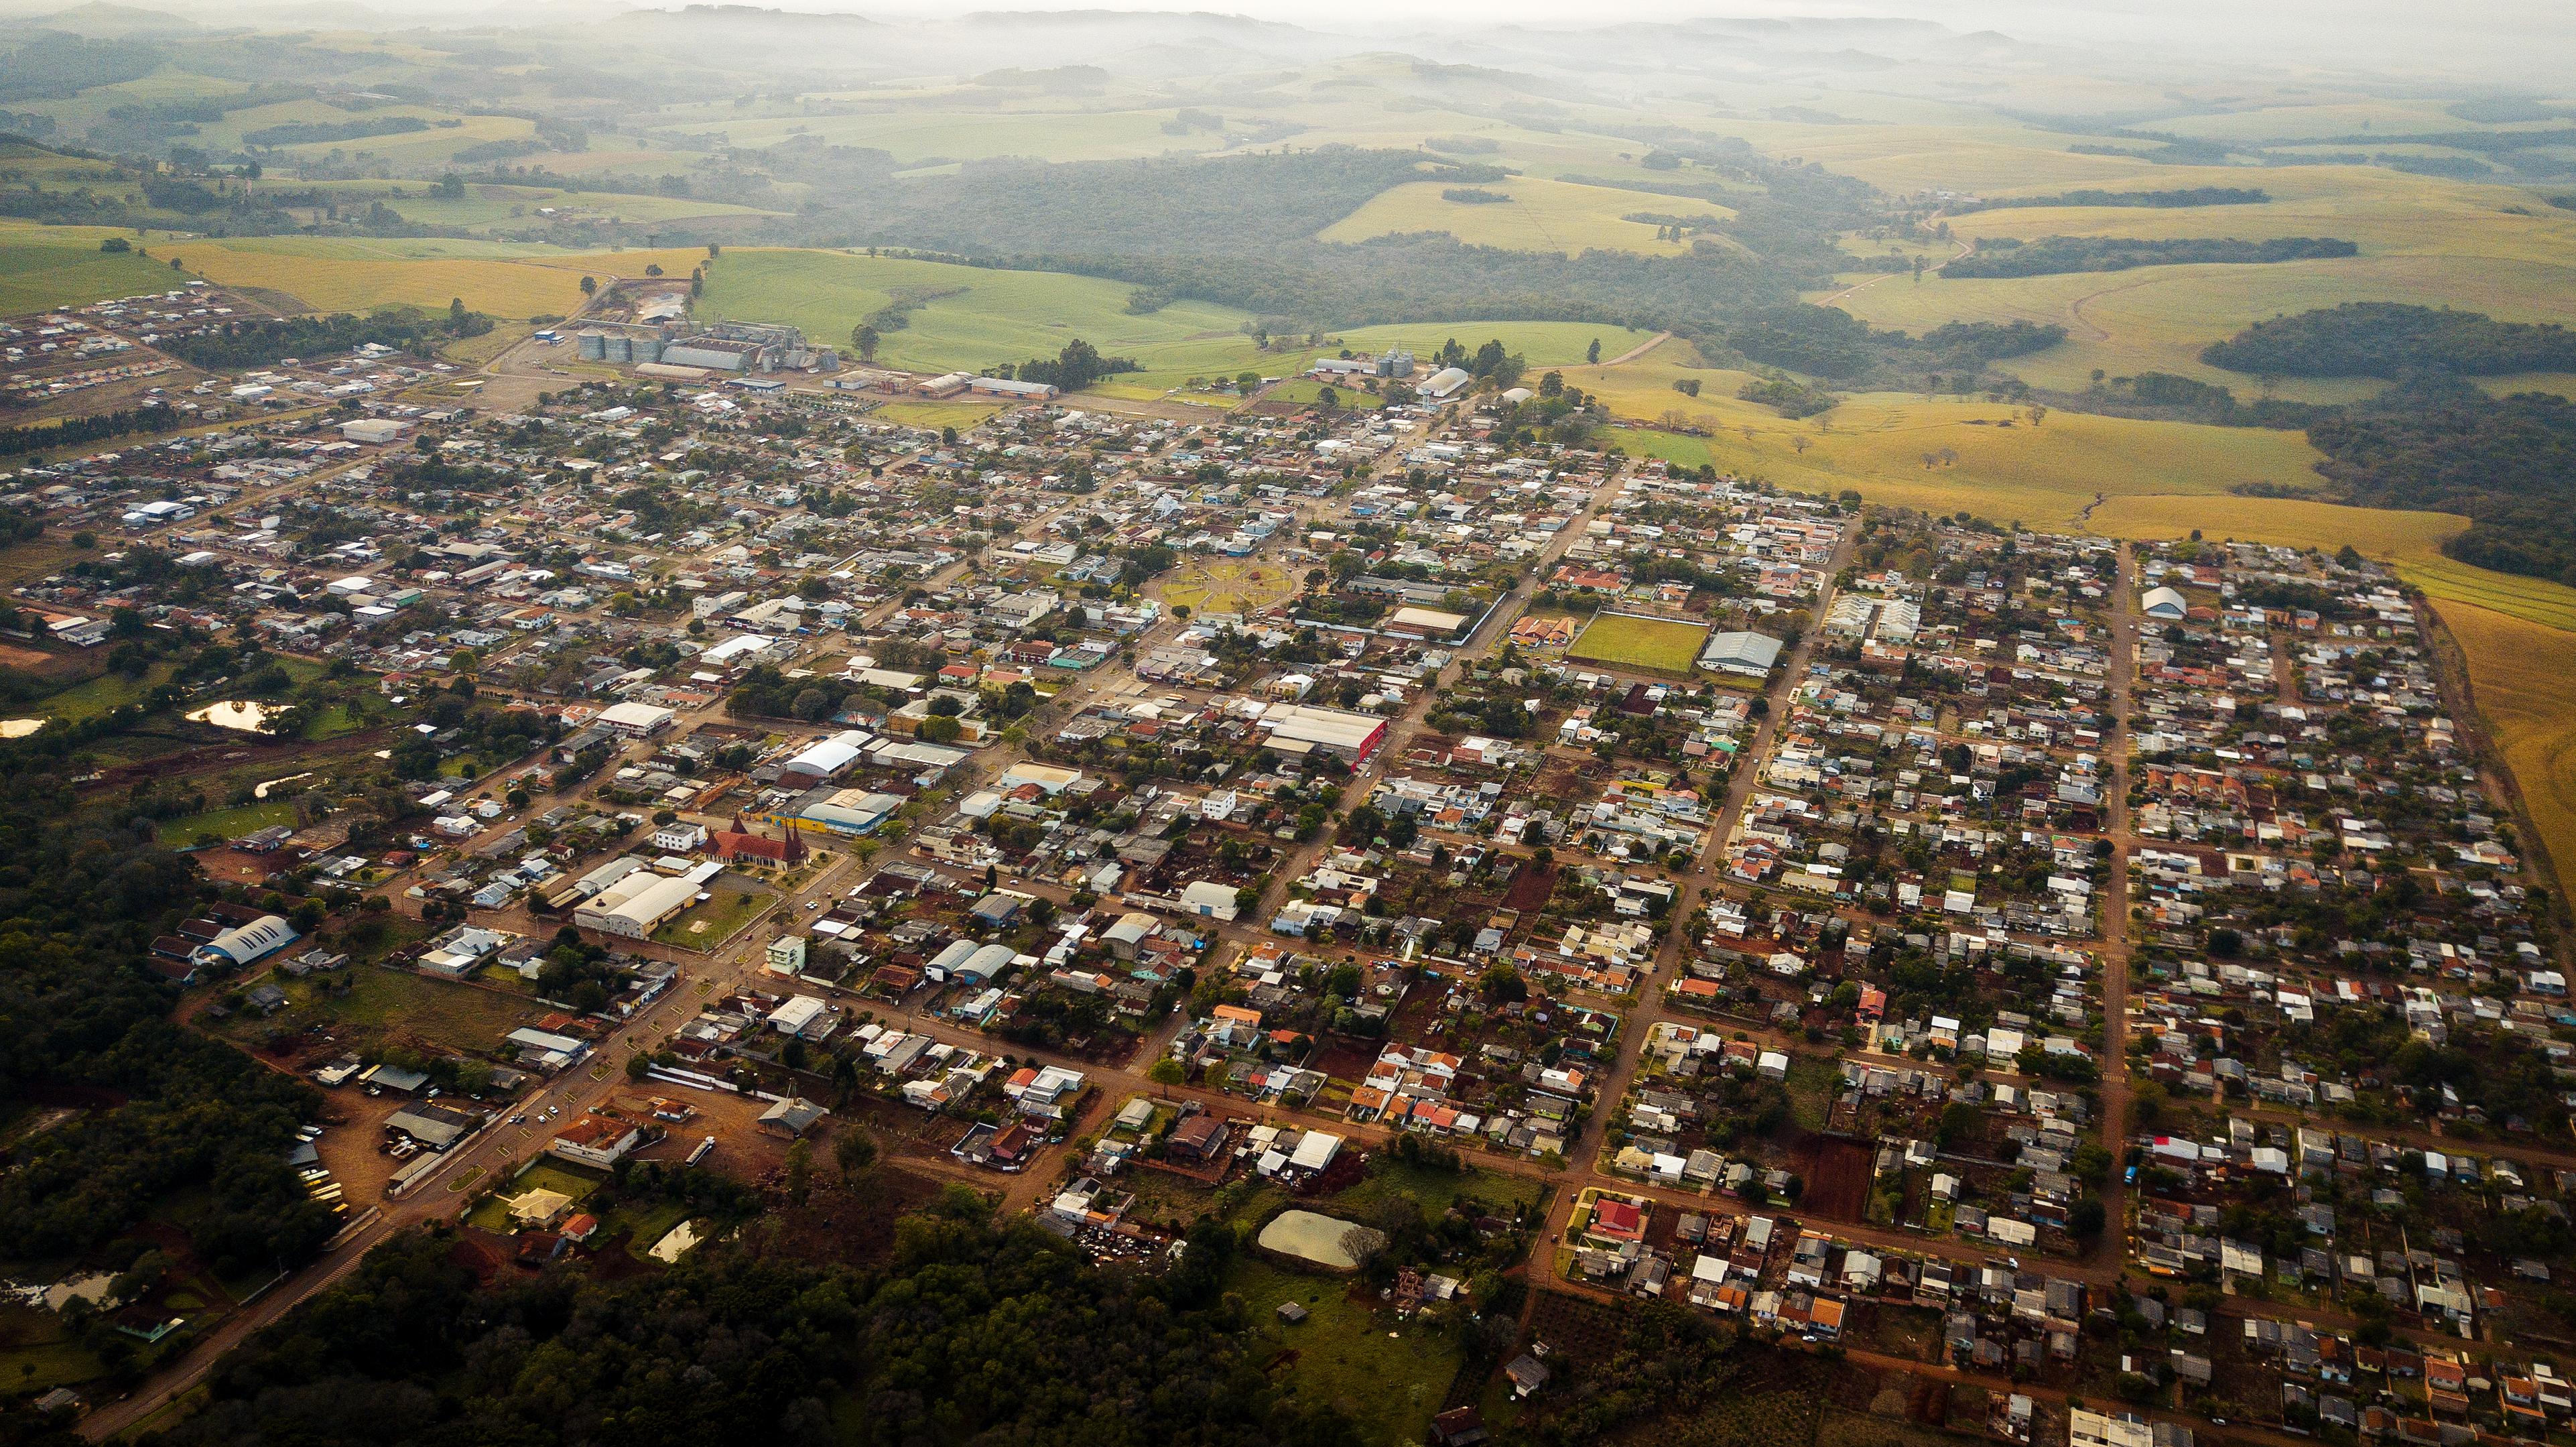 foto aérea da cidade